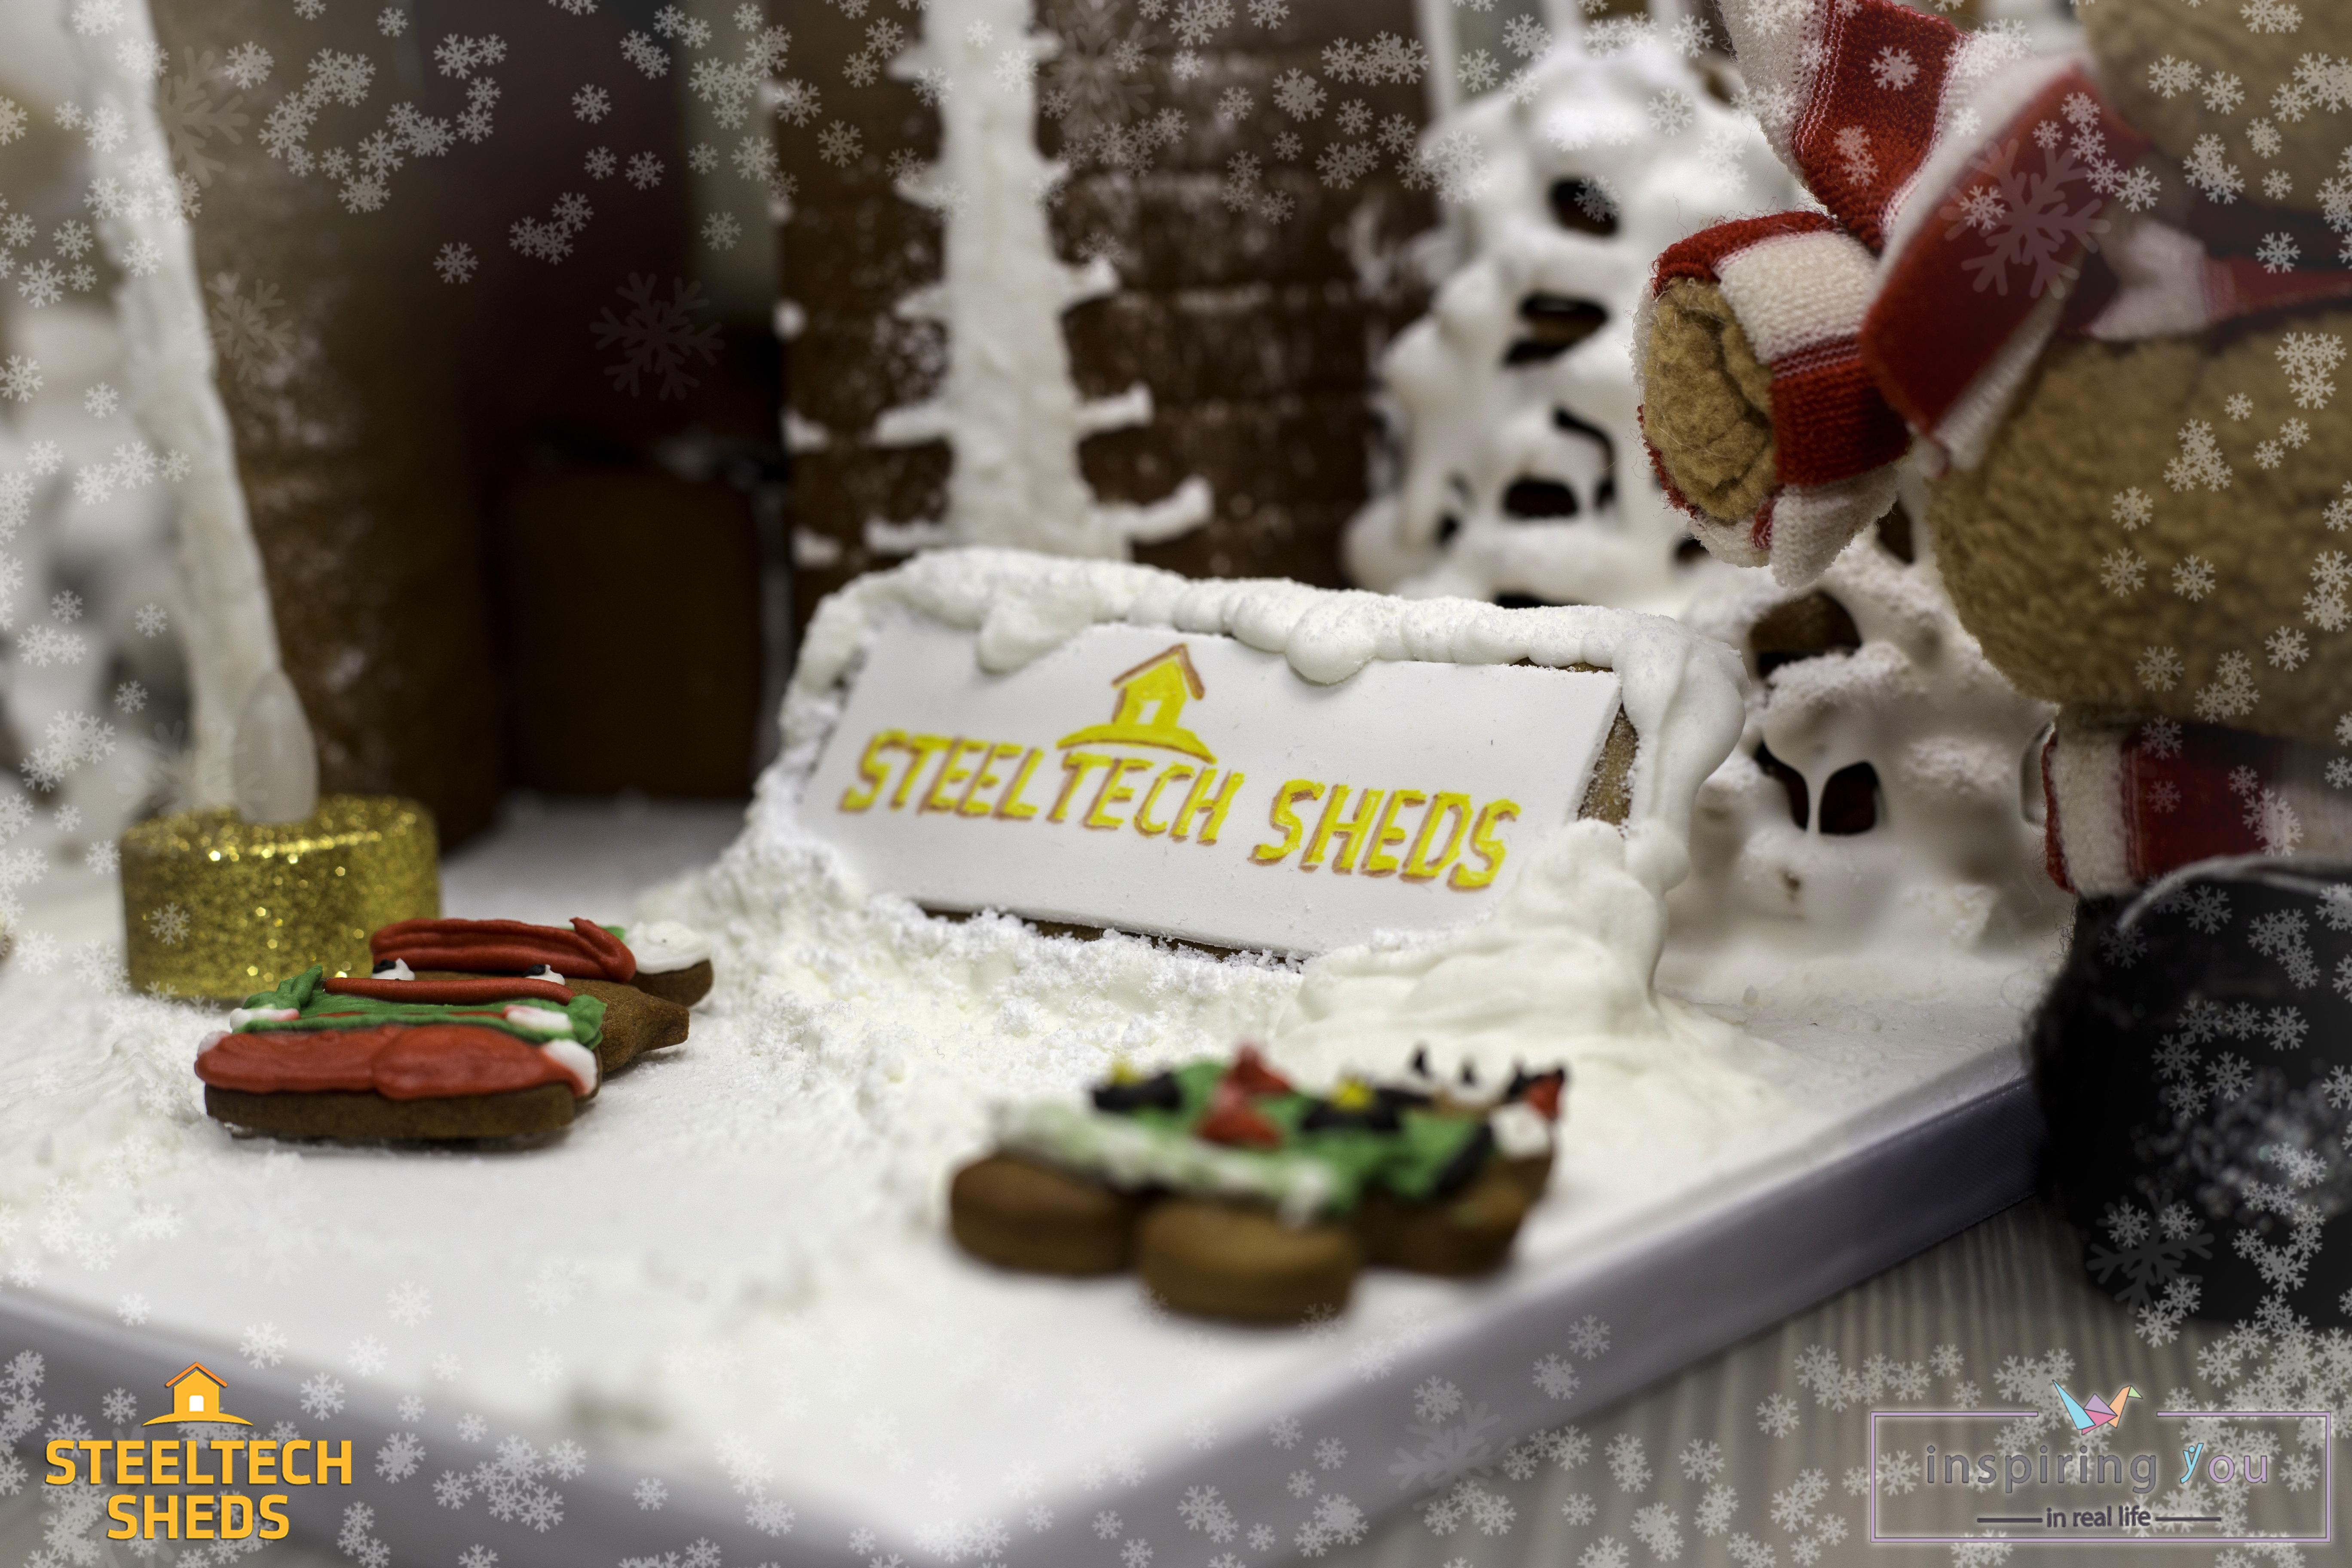 Great Steeltech Bake Off 2018 - Inspiring You